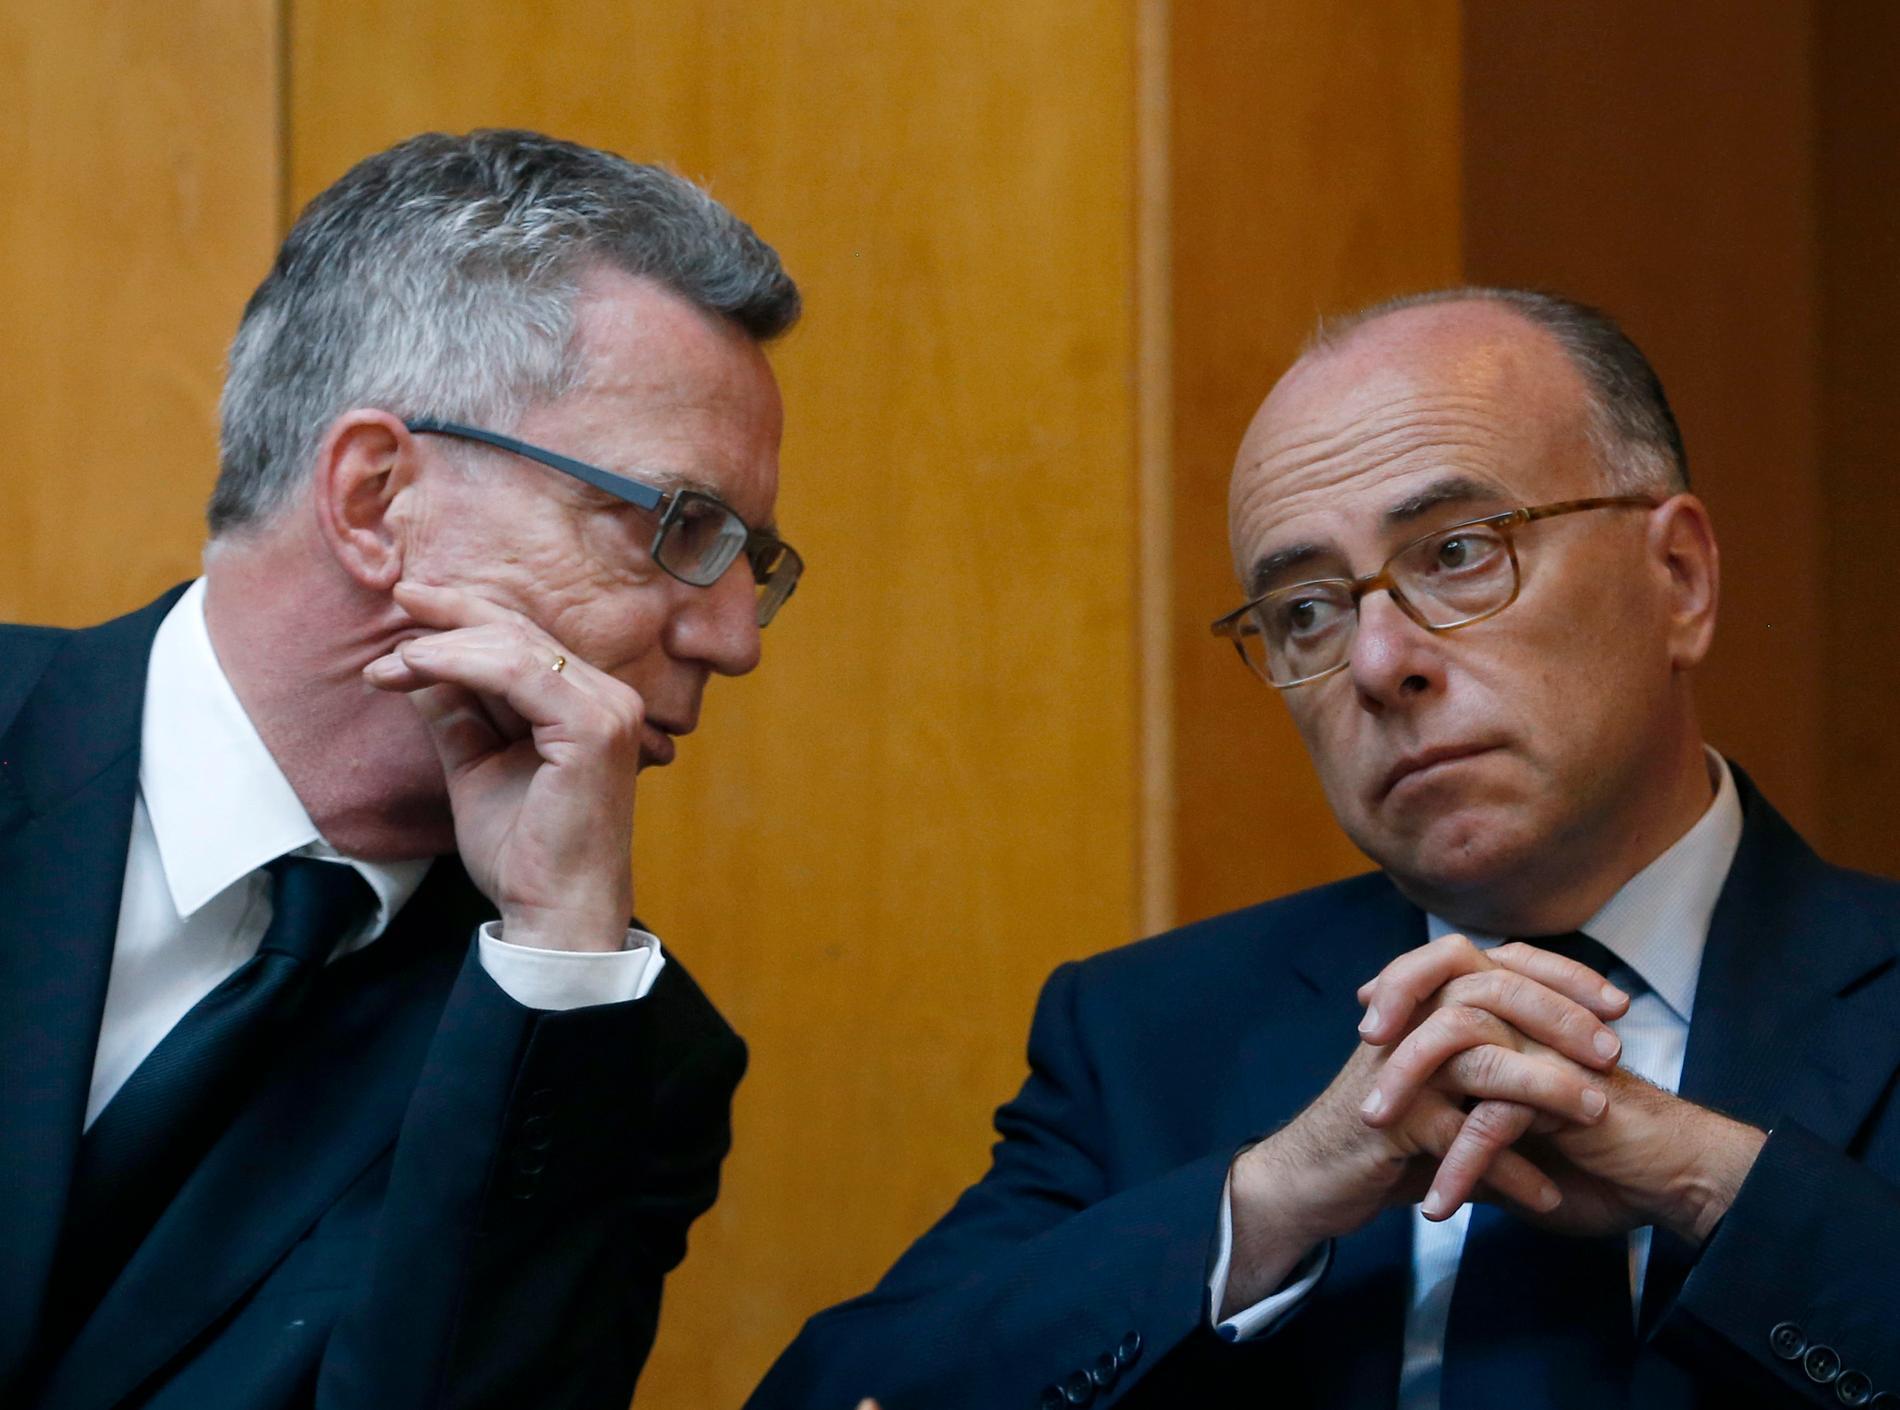 Tysklands inrikesminister Thomas de Maiziere, till vänster, och hans franska motsvarighet Bernard Cazeneuve, till höger.